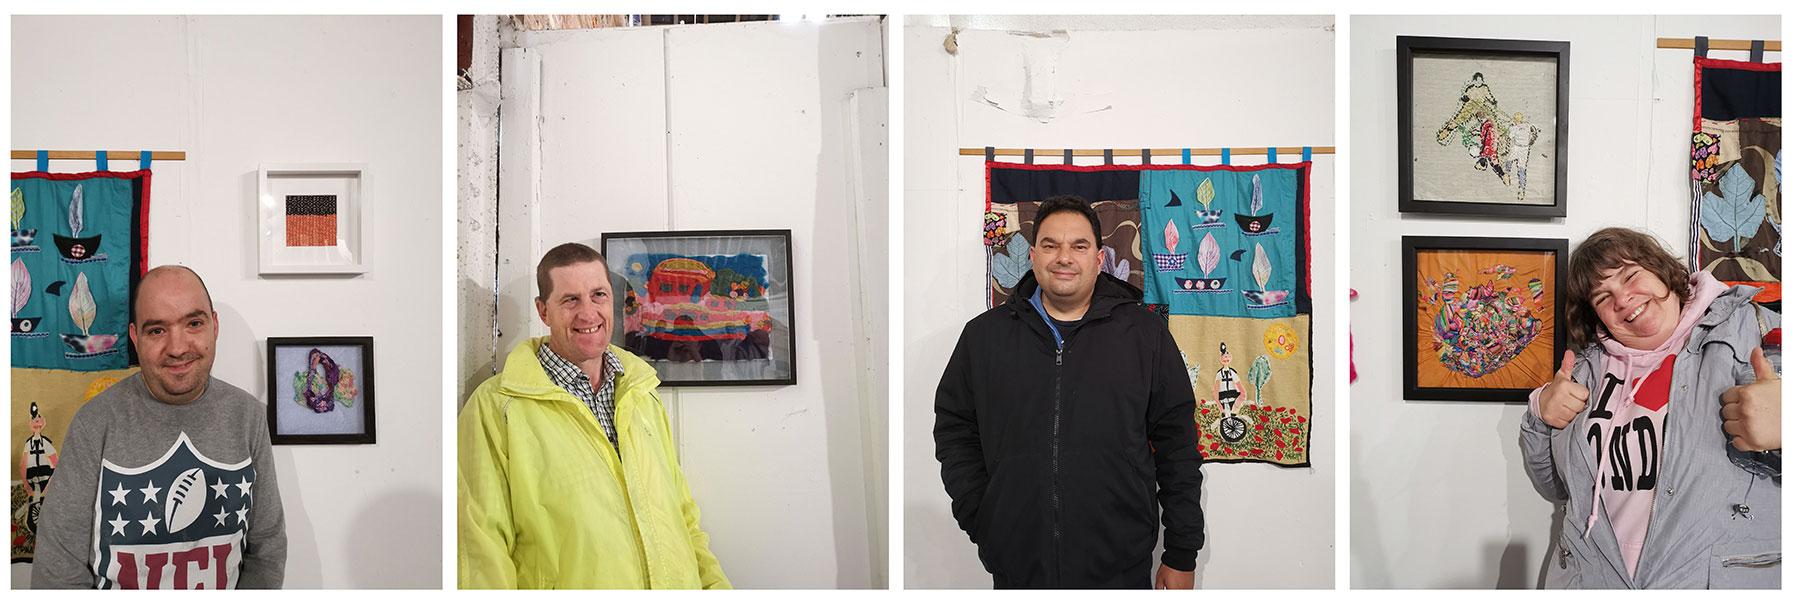 Westbury Arts Exhibition